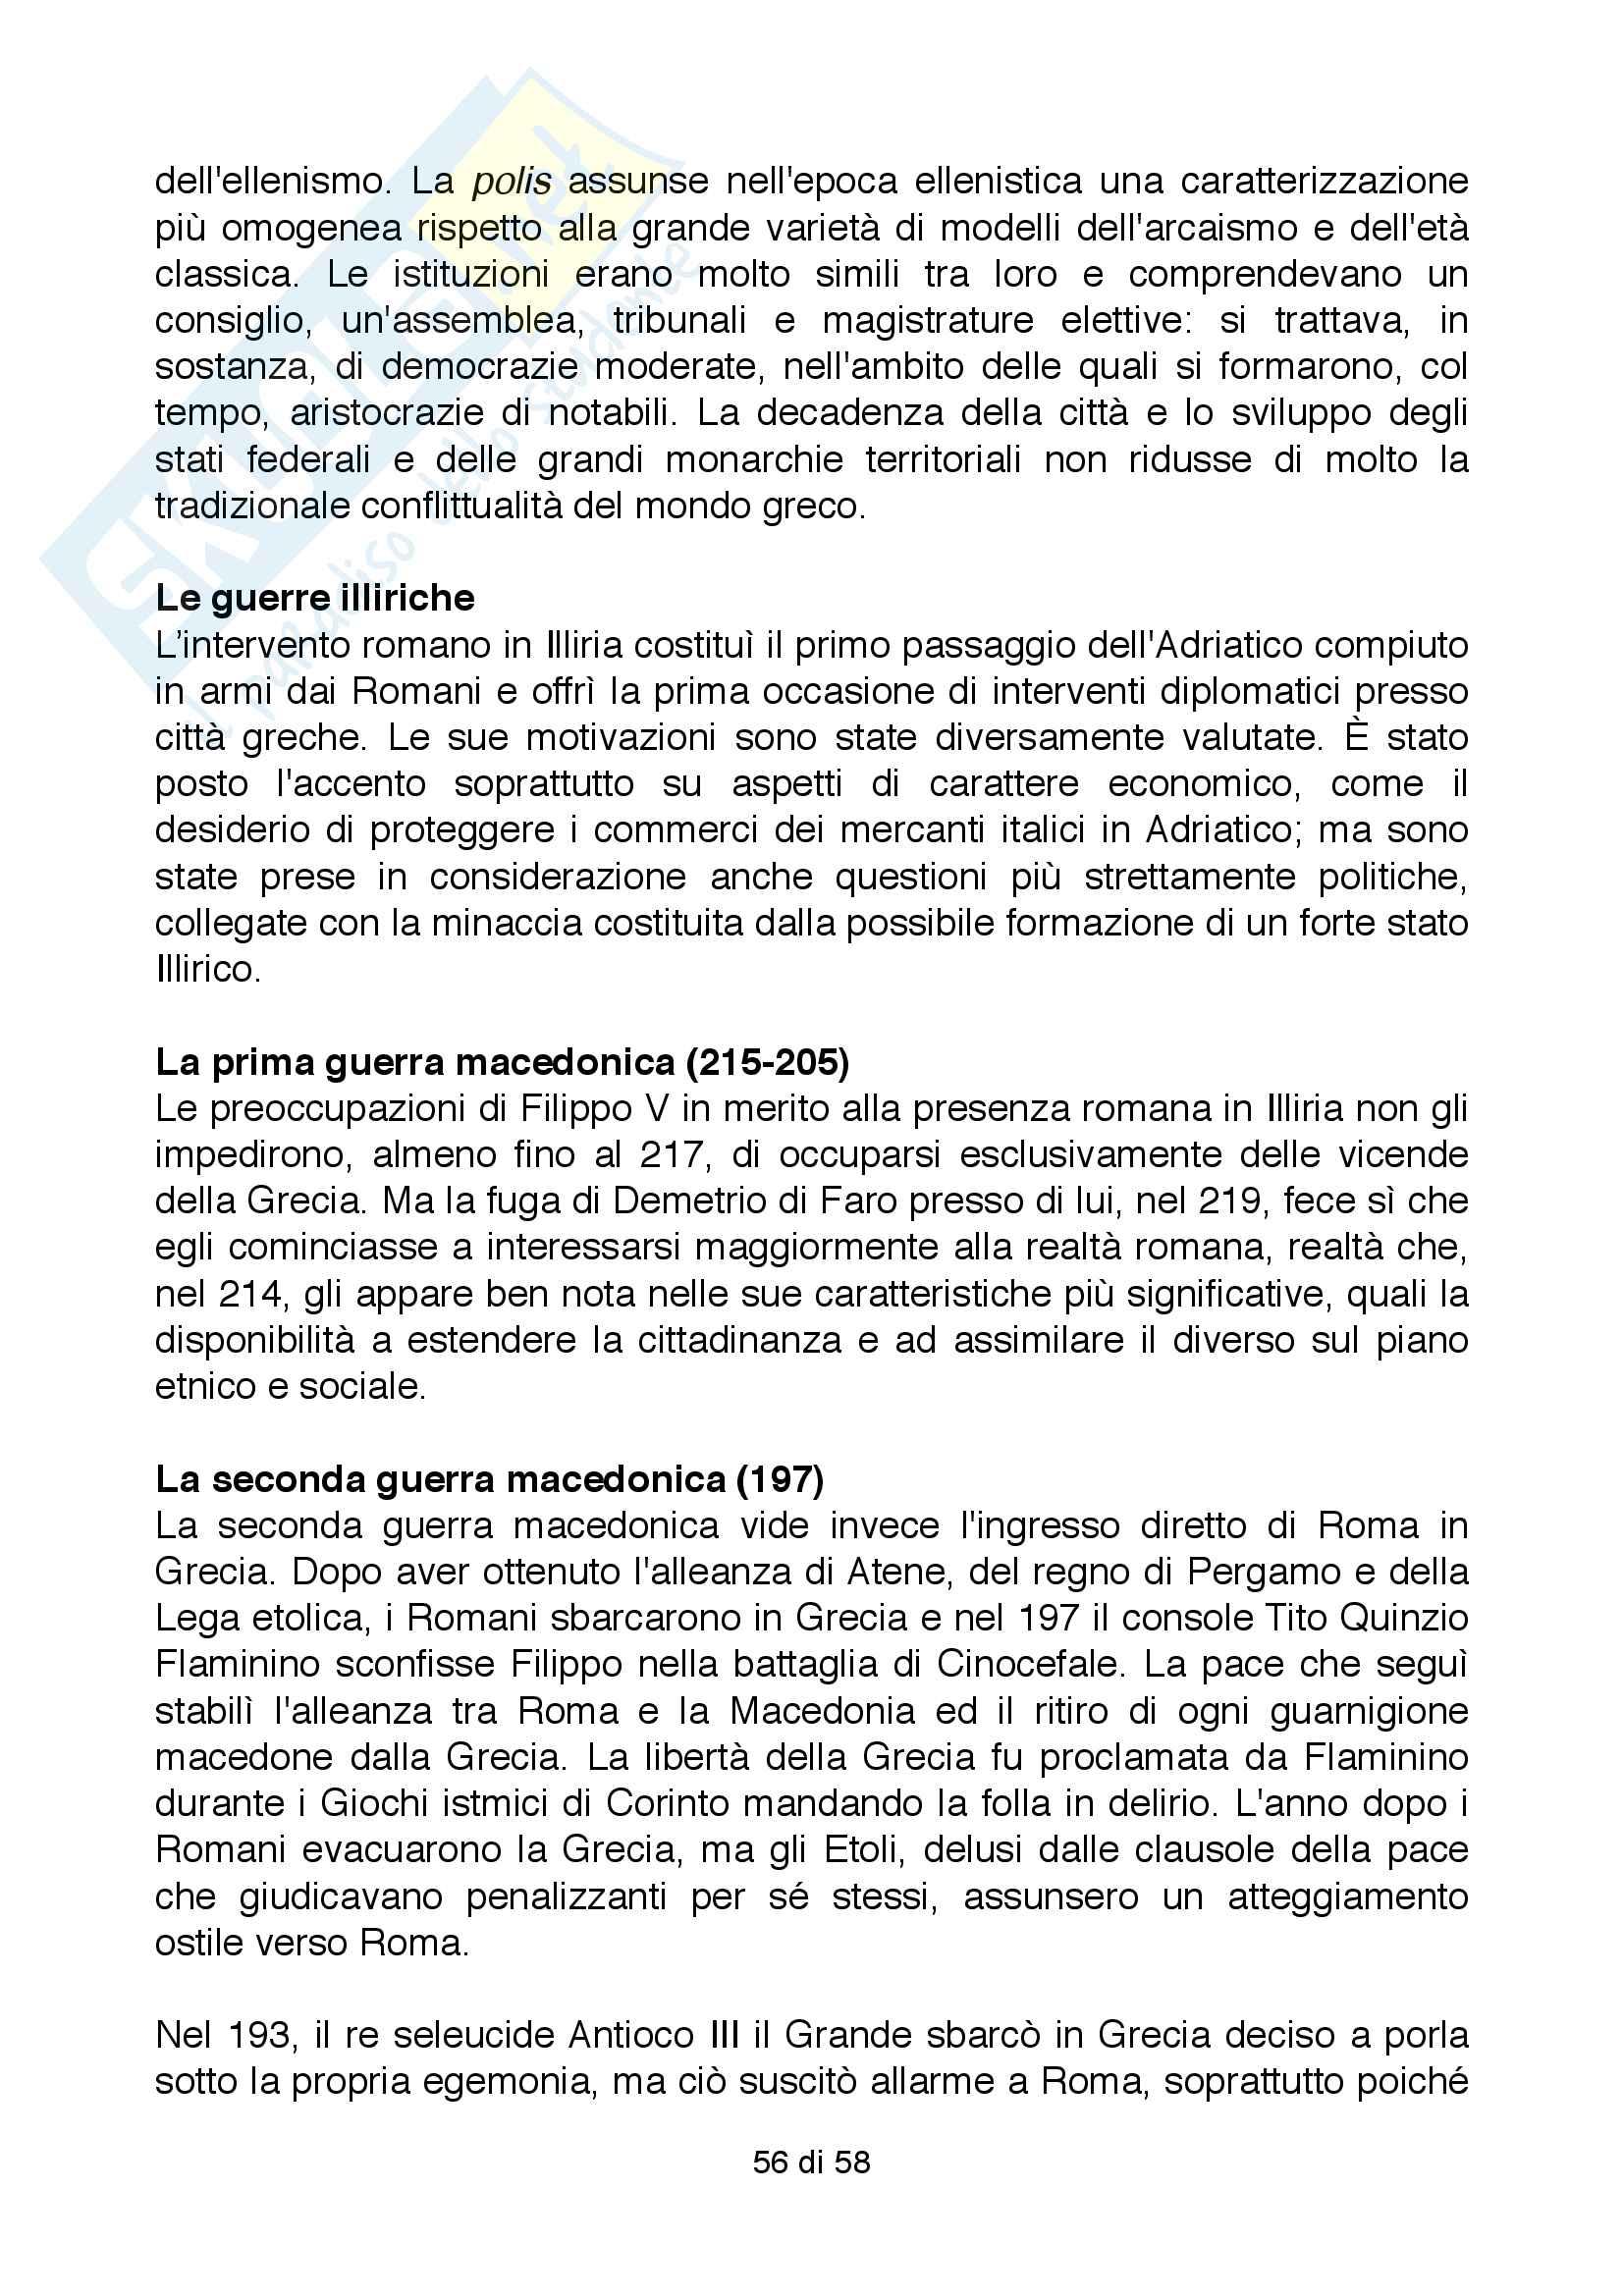 Riassunto esame Storia Greca, Docente Bianchetti Serena, Unversità degli Studi di Firenze Pag. 56